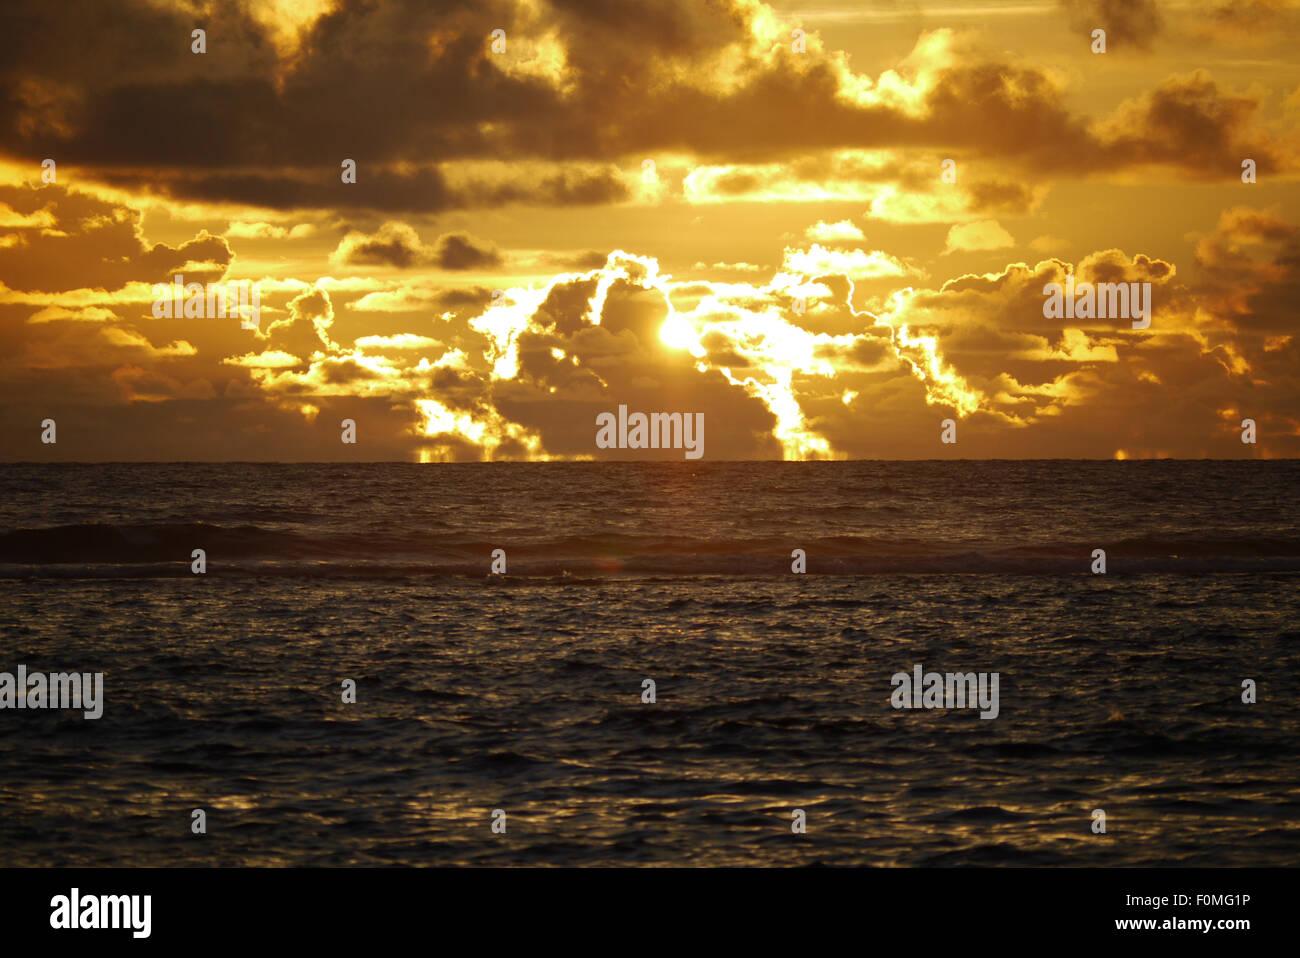 Sunset, Banda Aceh, Sumatra, Indonesia - Stock Image